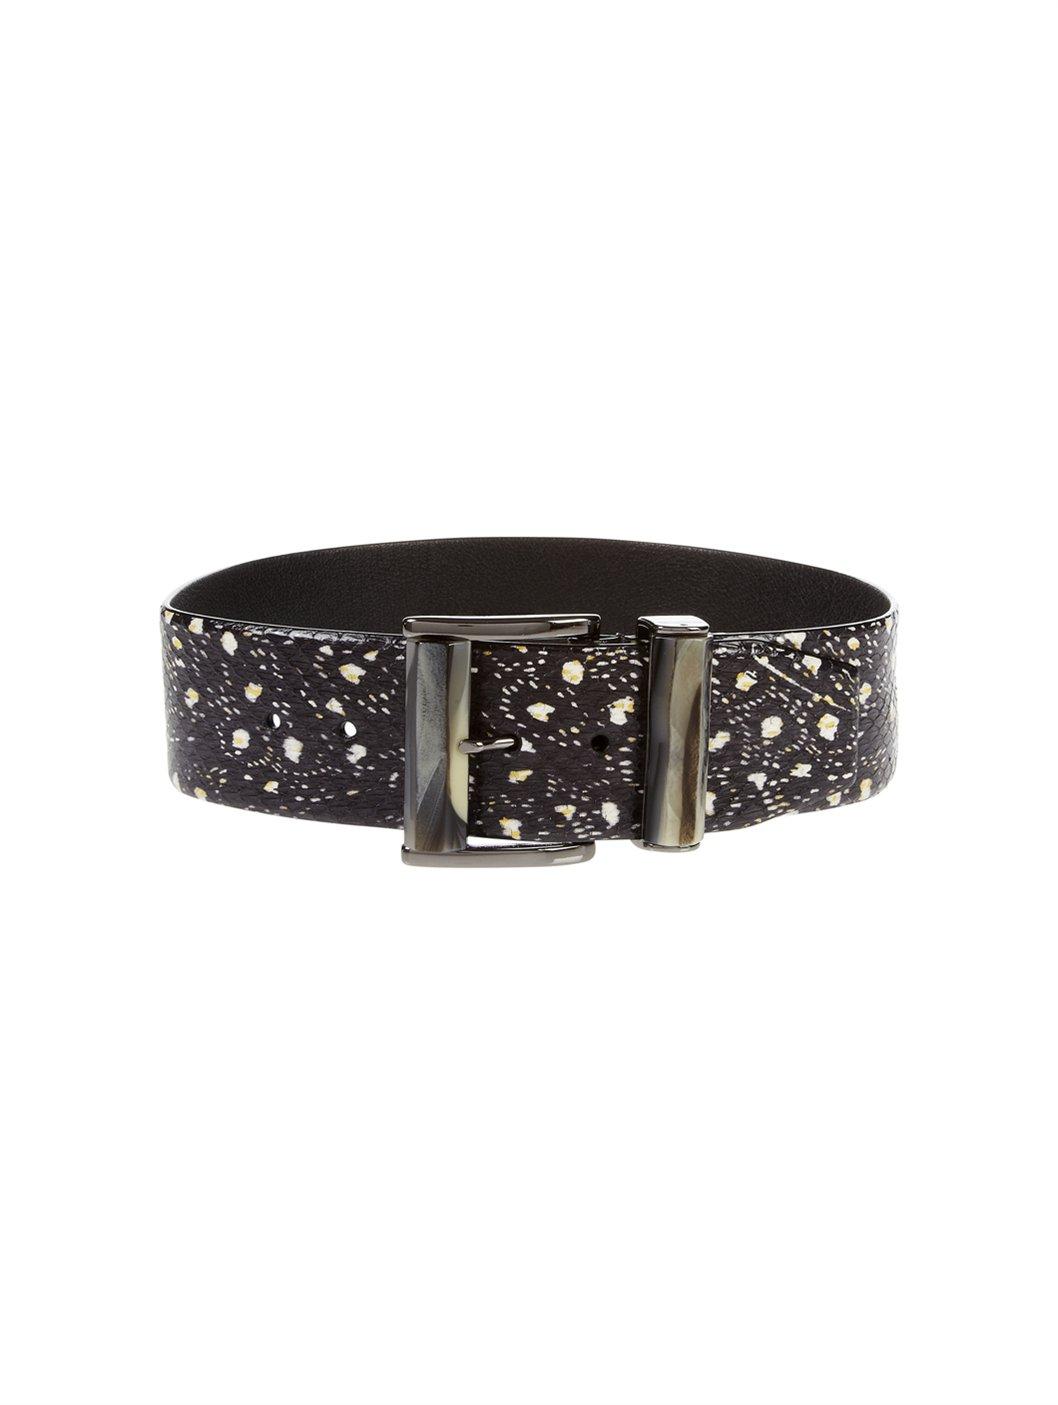 oscar de la renta resin wide buckle belt in black black